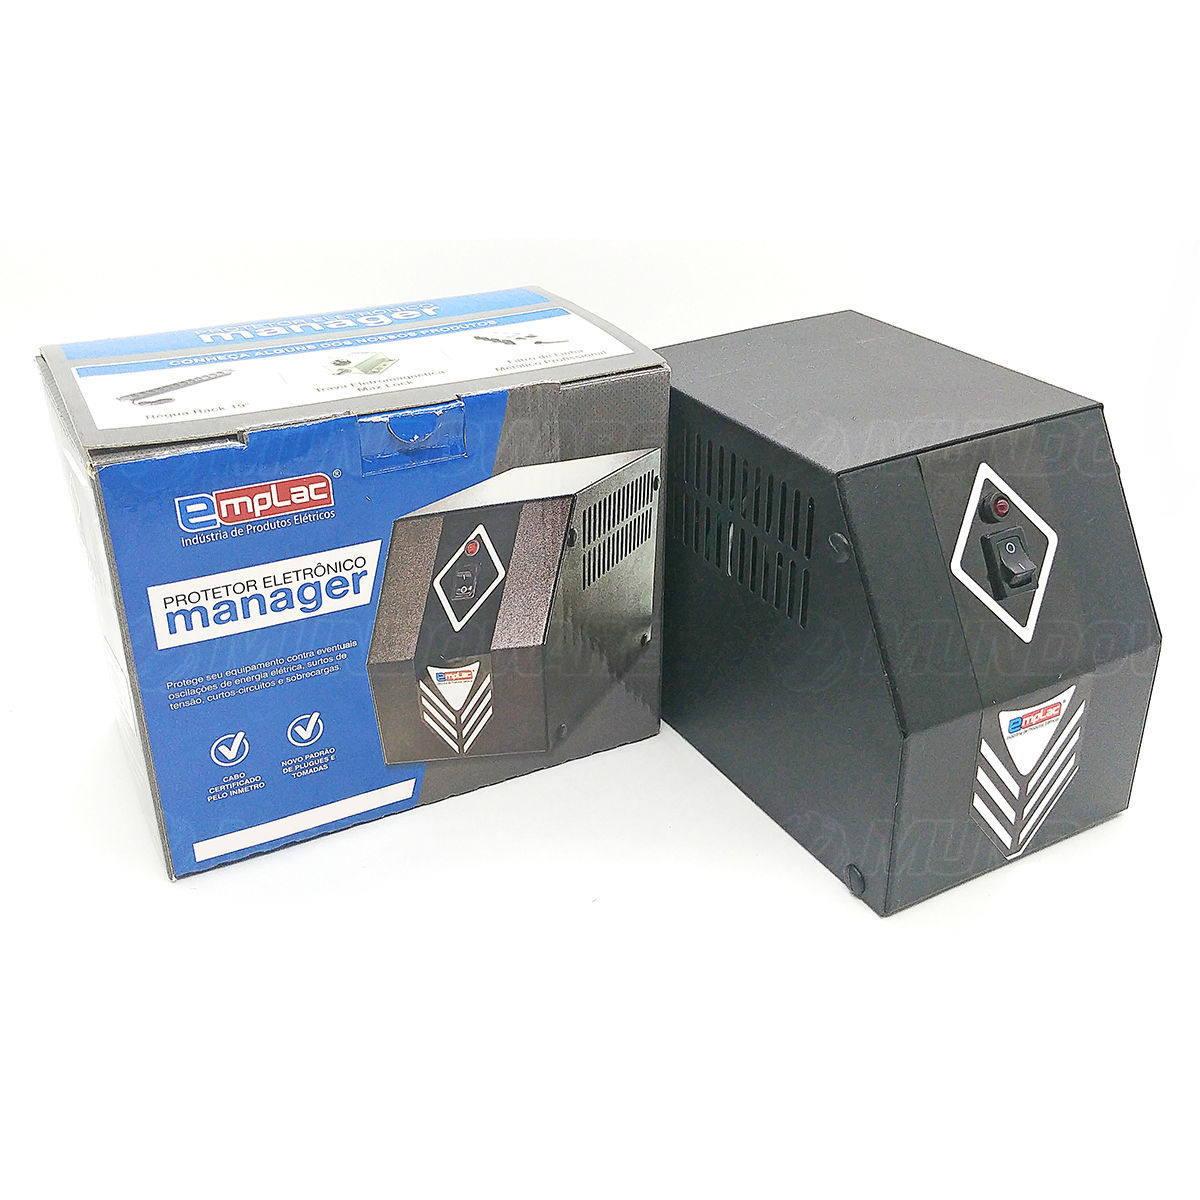 Protetor Eletrônico 220V 1200W 2000VA Mono E220V S220V 4 Tomadas 10A Cabo Certificado Gabinete Metálico Emplac F60009